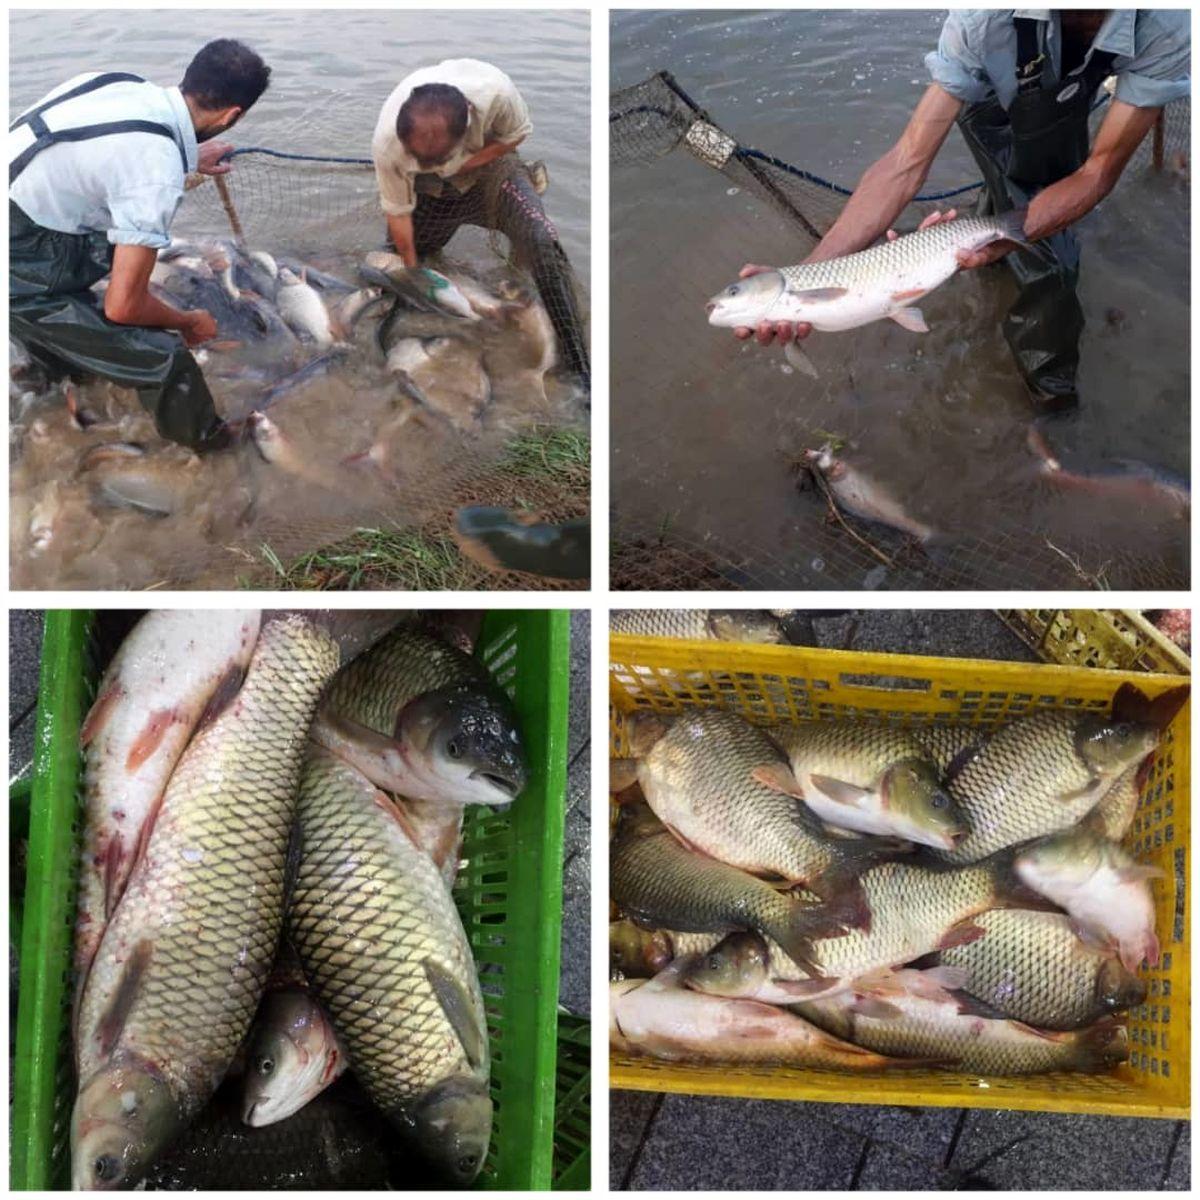 اولین مرحله صید ماهی در شرکت تابعه پگاه